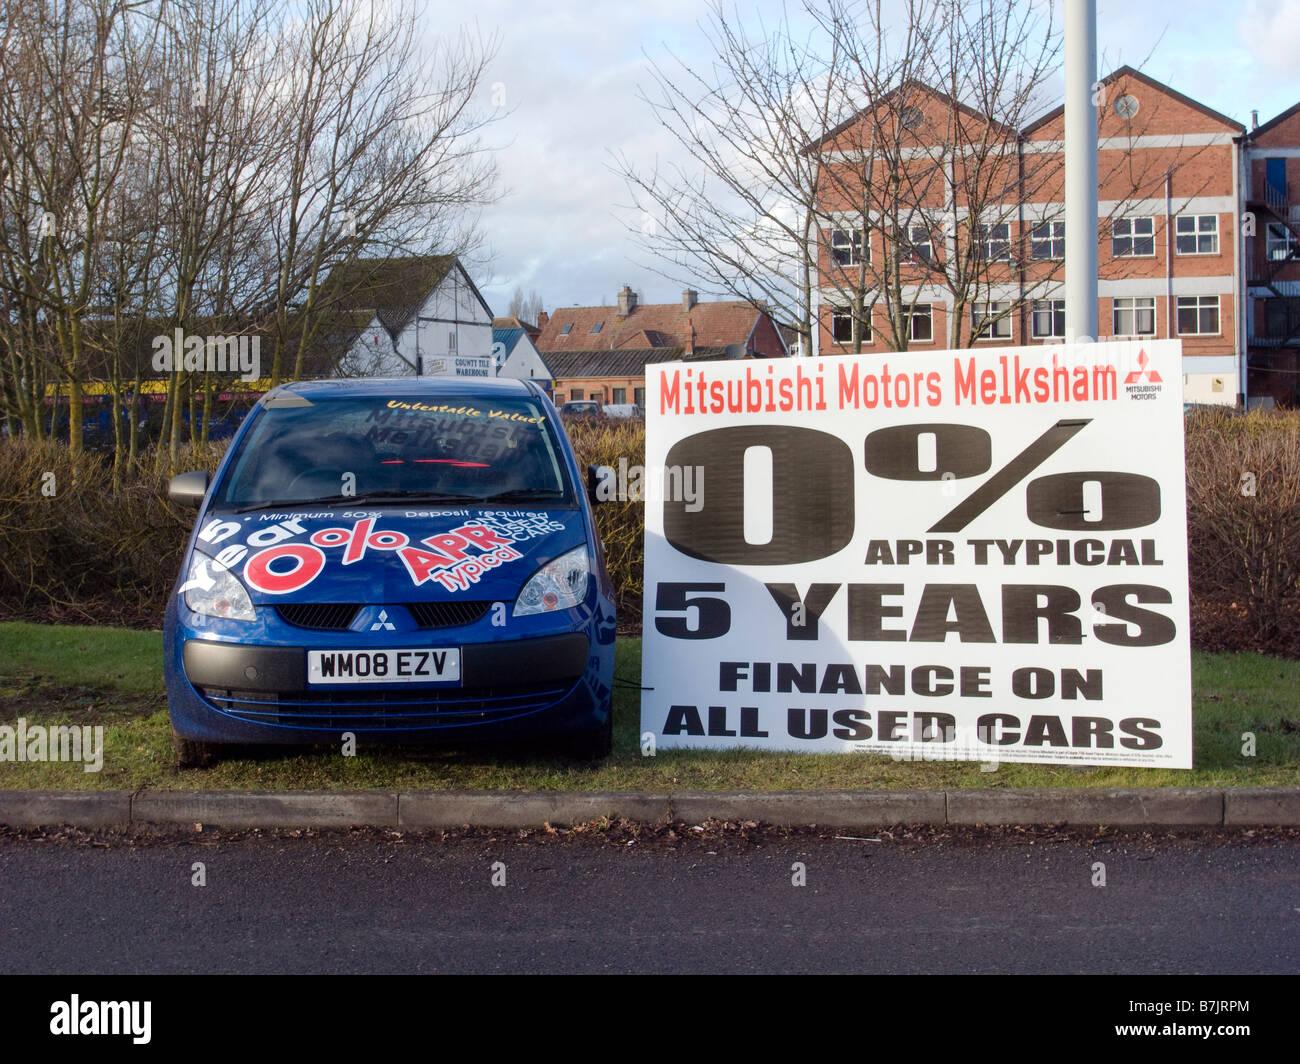 Easy credit sale promotion in Melksham UK EU - Stock Image